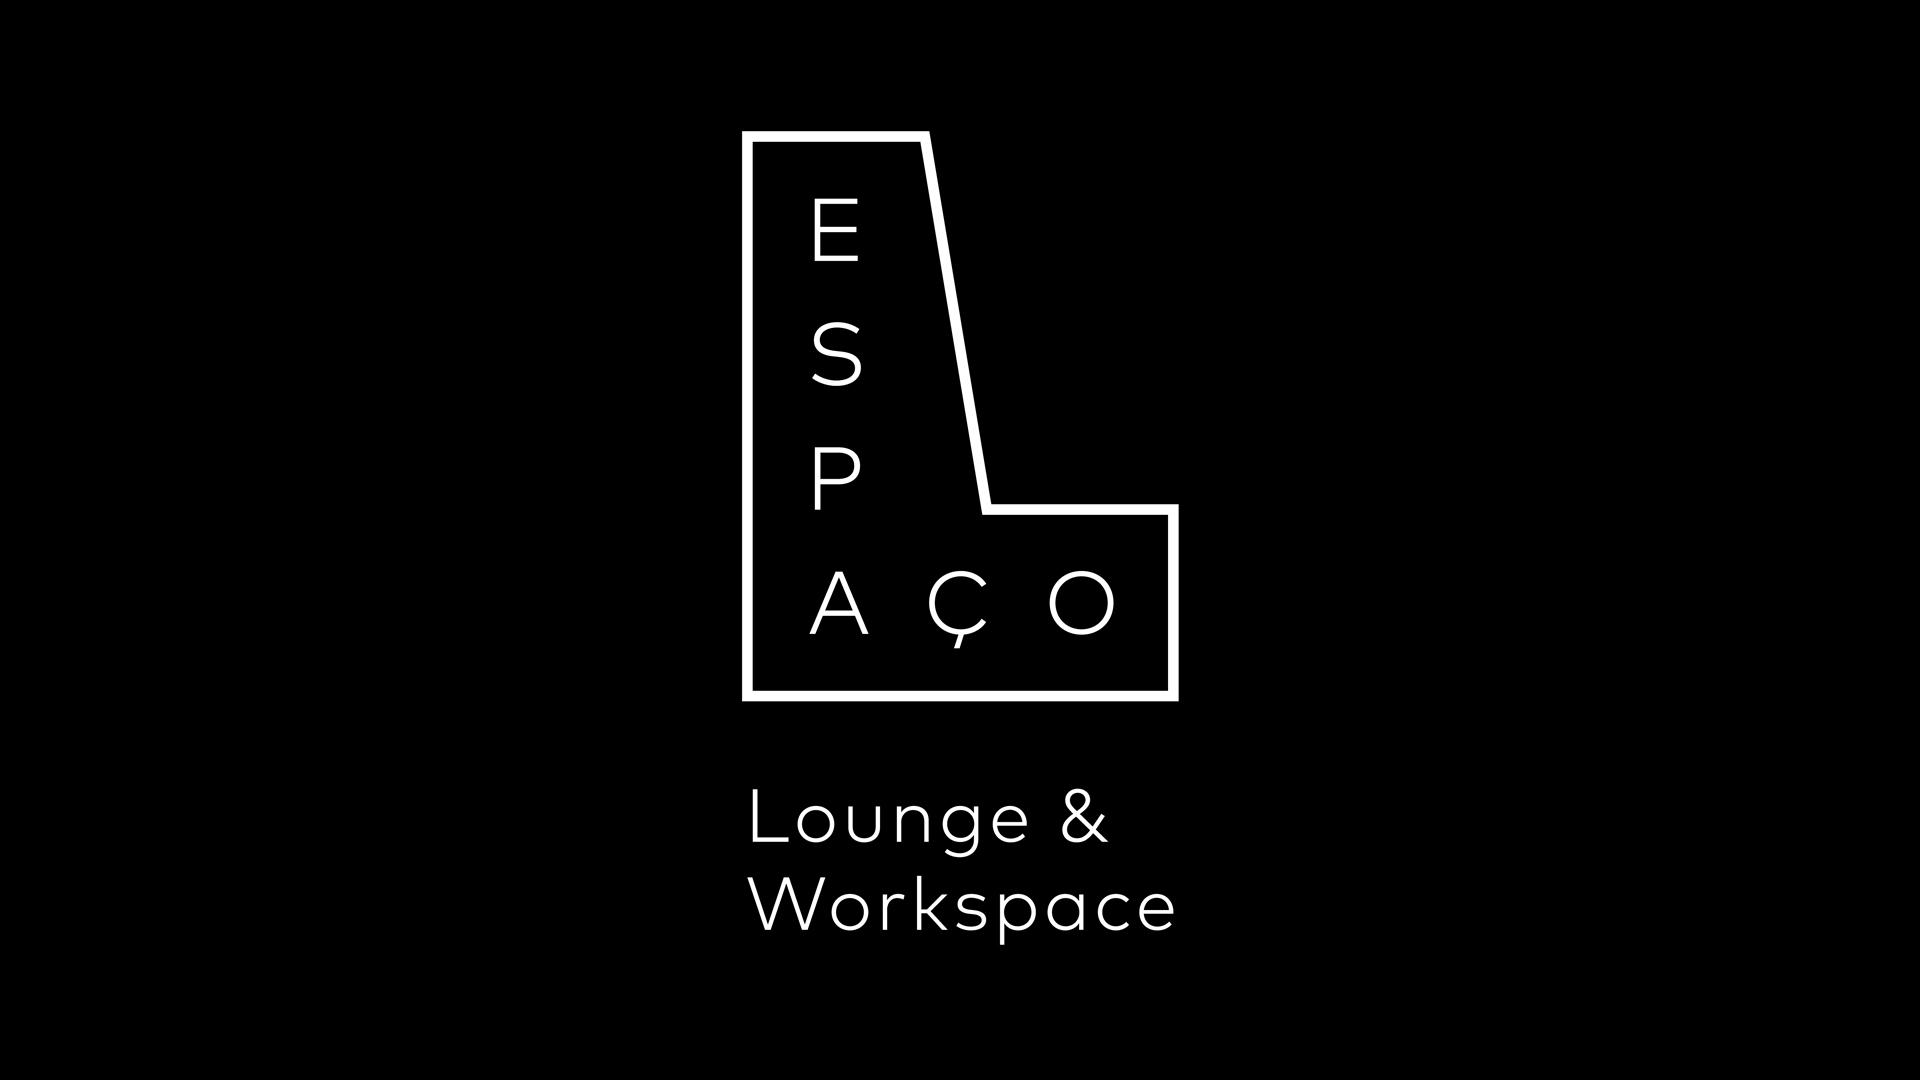 Nkoowoork Espaço L, Lisbon